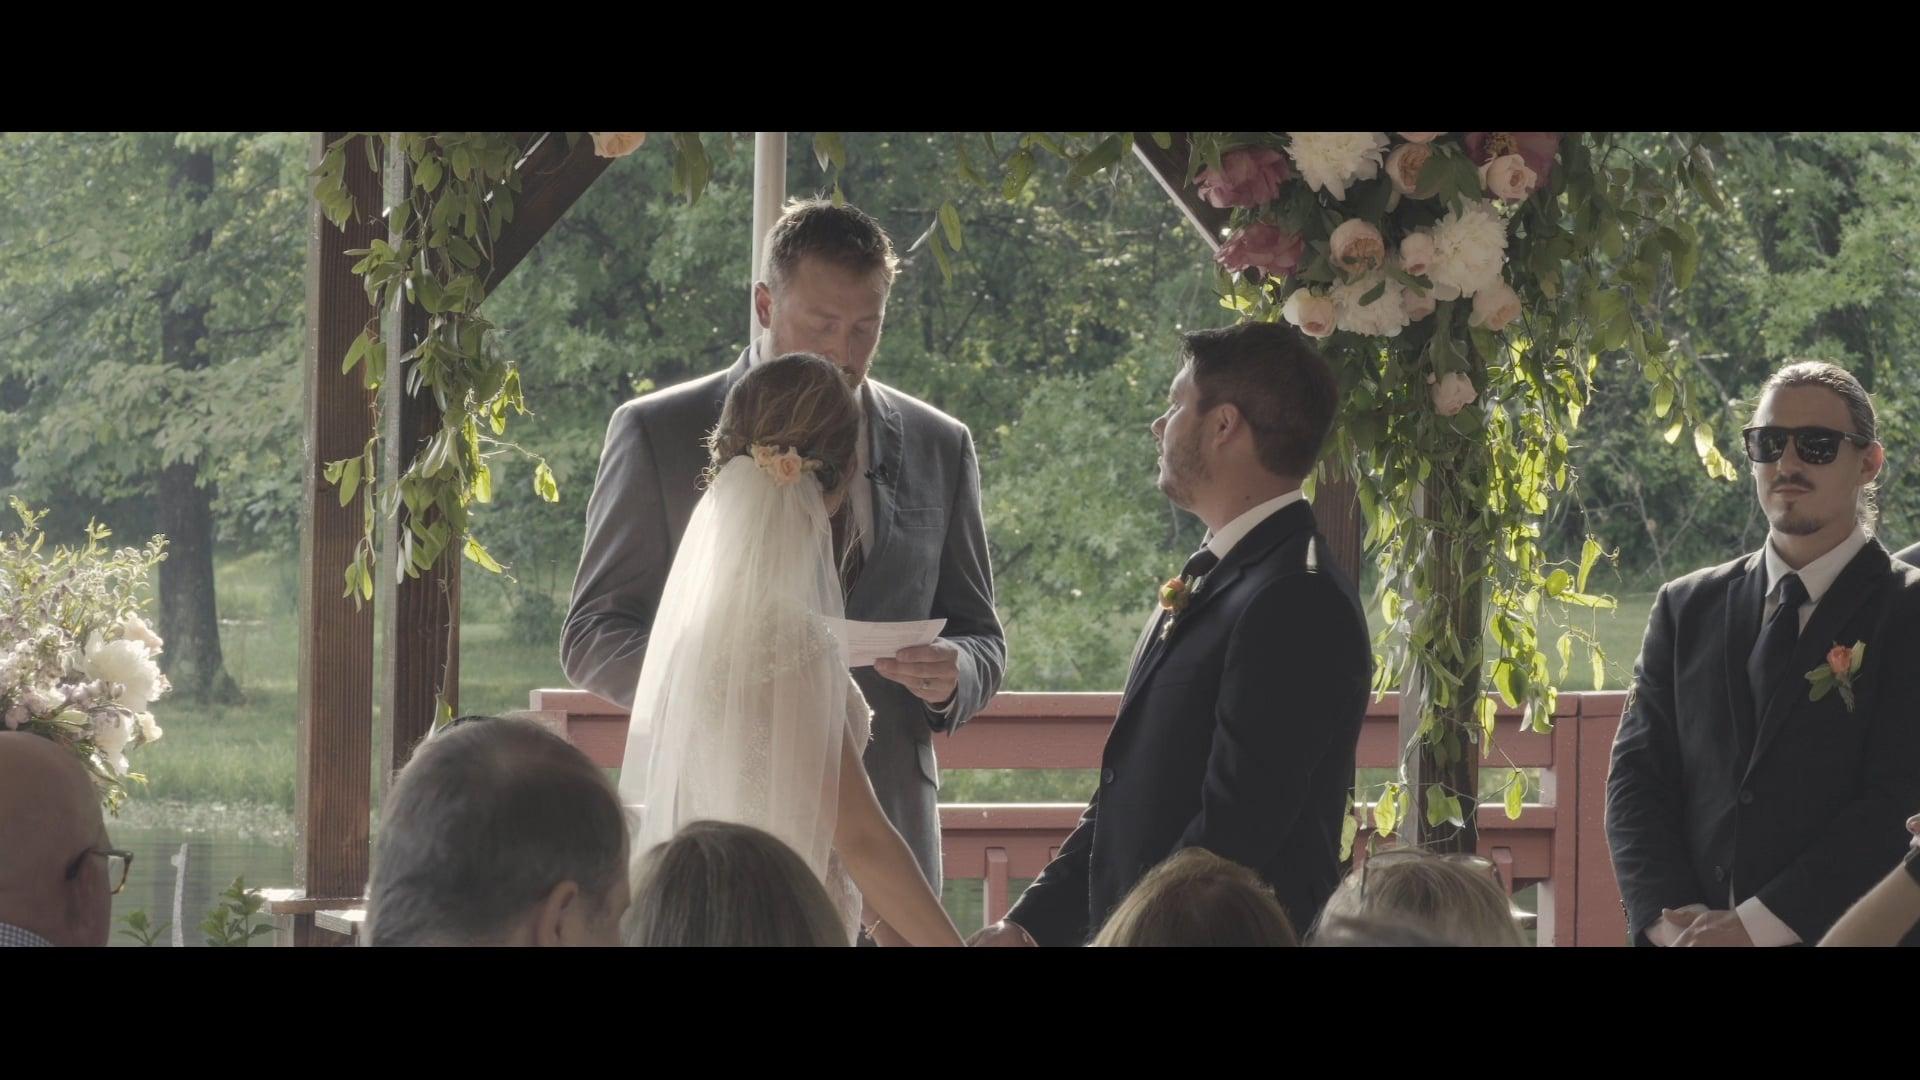 Cianciolo Wedding Album